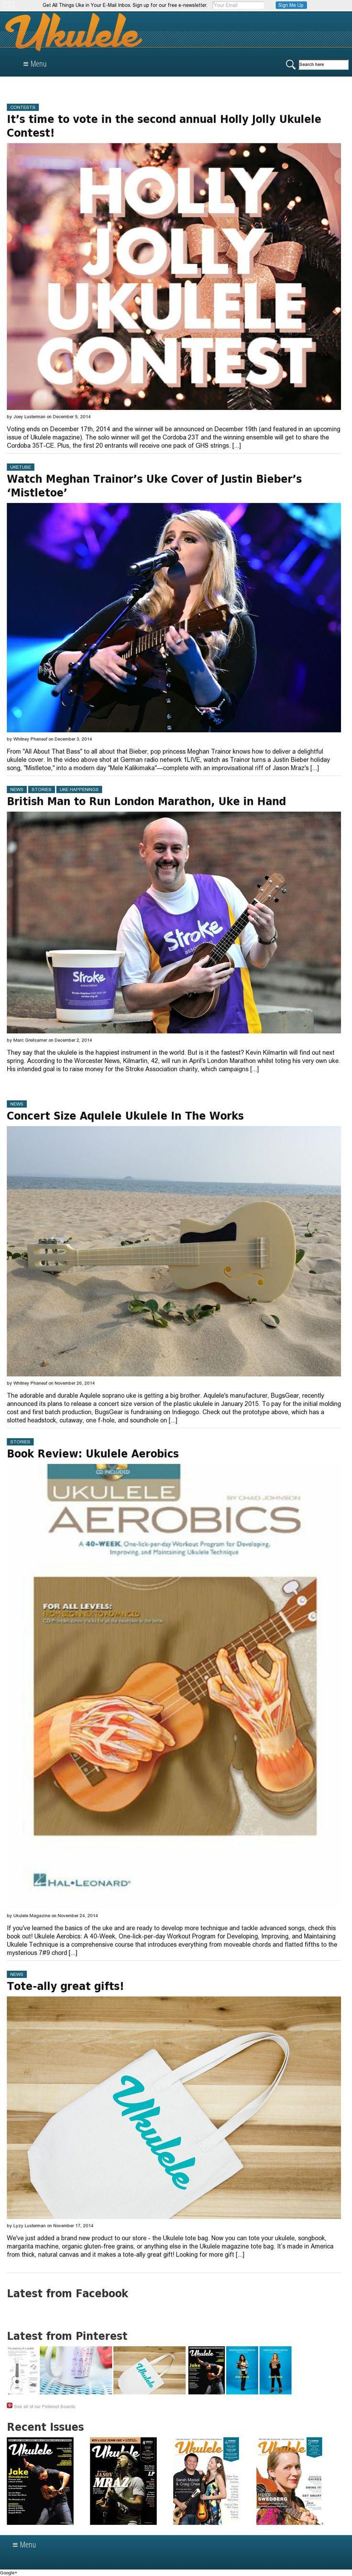 54 best ukulele magazine images on pinterest ukulele amazing check out the ukulele magazine website fandeluxe Image collections